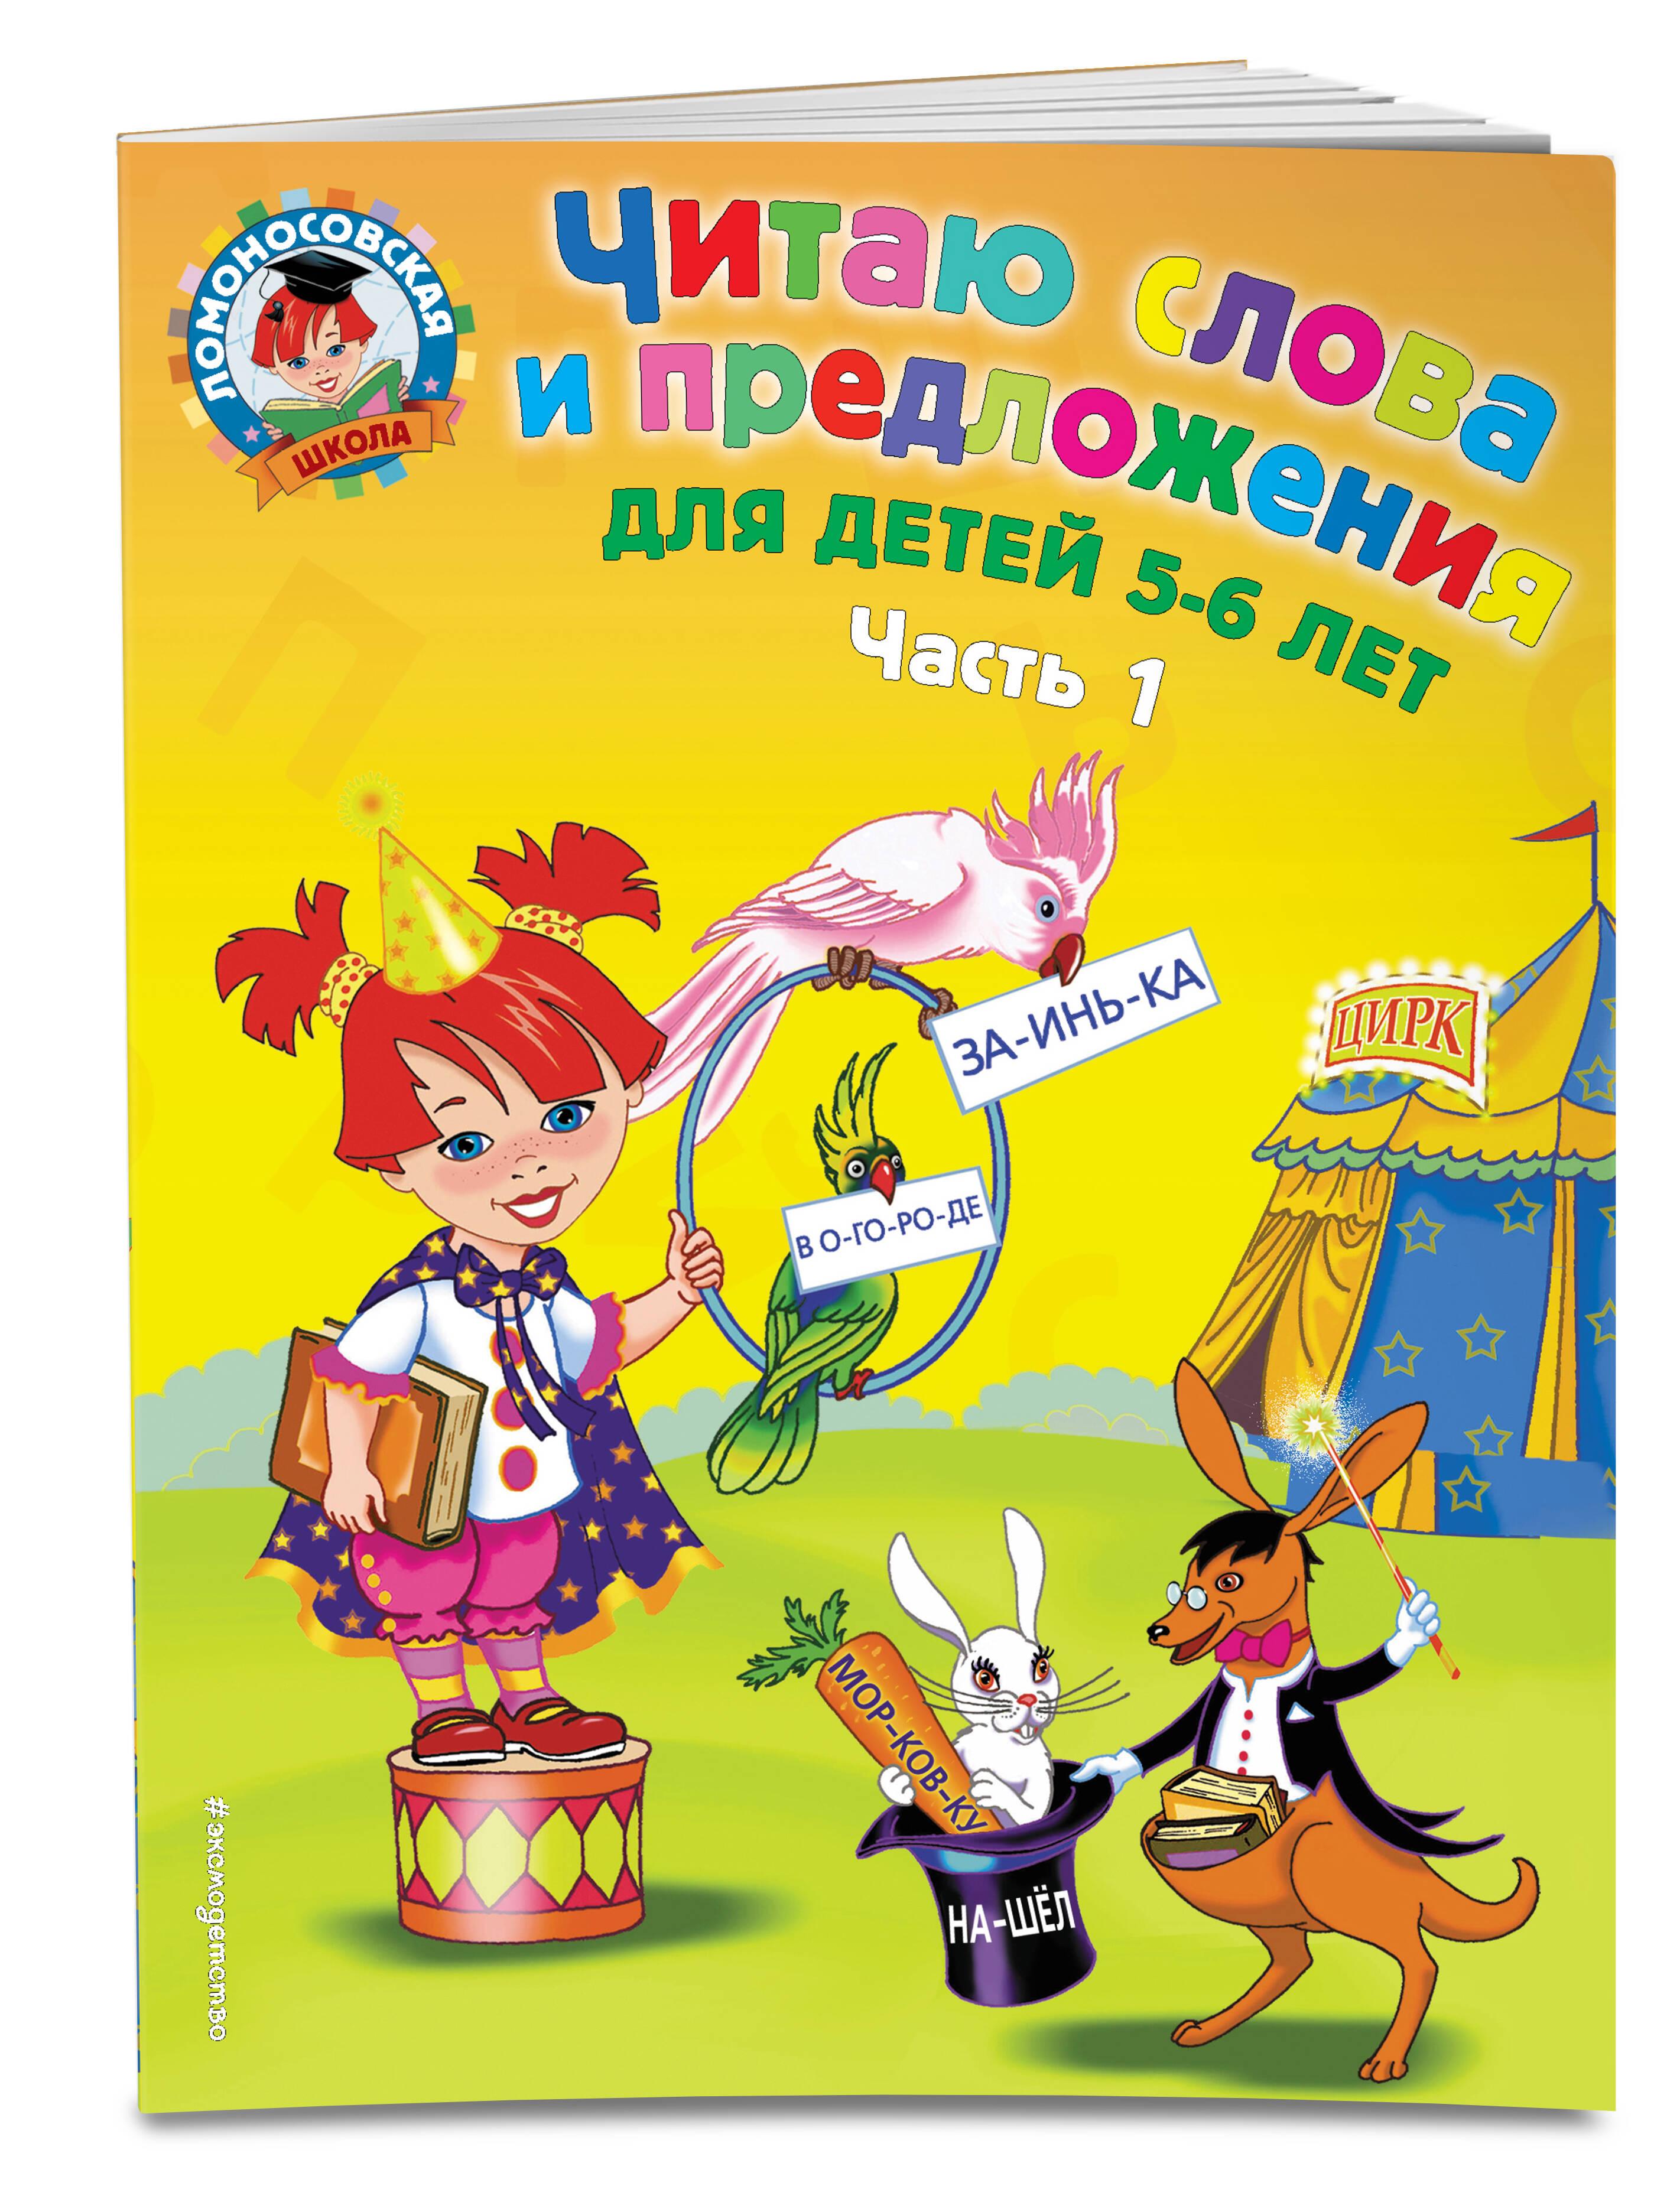 Пятак С.В. Читаю слова и предложения: для детей 5-6 лет. Ч. 1